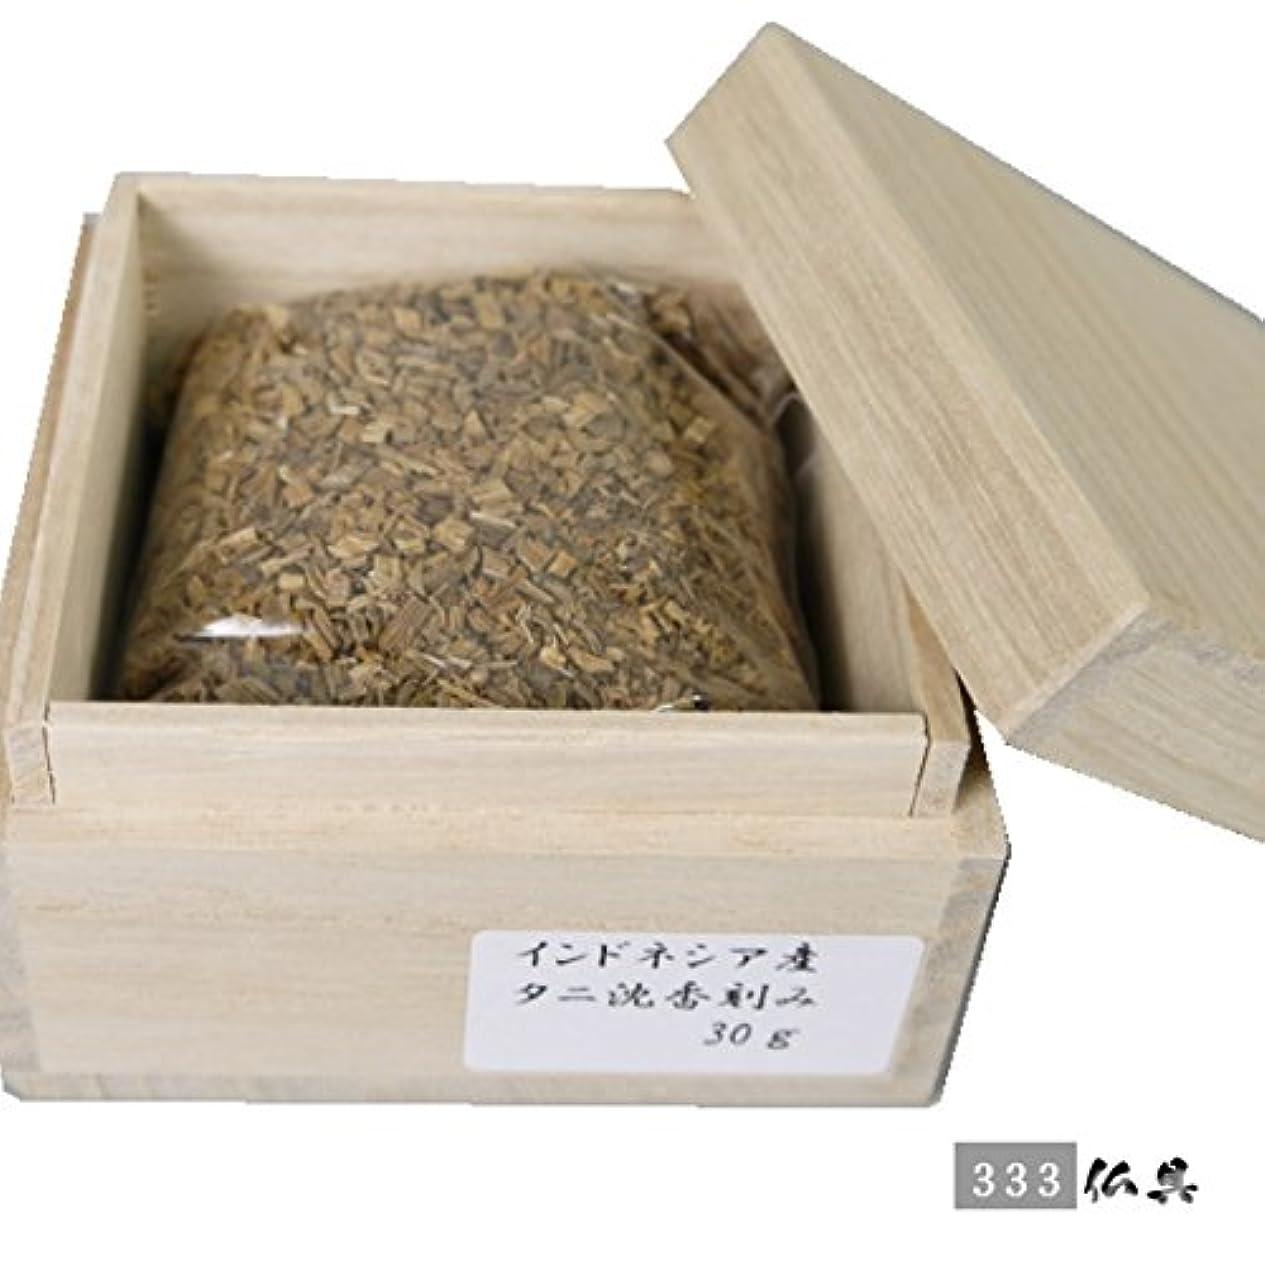 縁石権利を与えるを通して沈香 インドネシア産 タニ沈香 刻み 30g